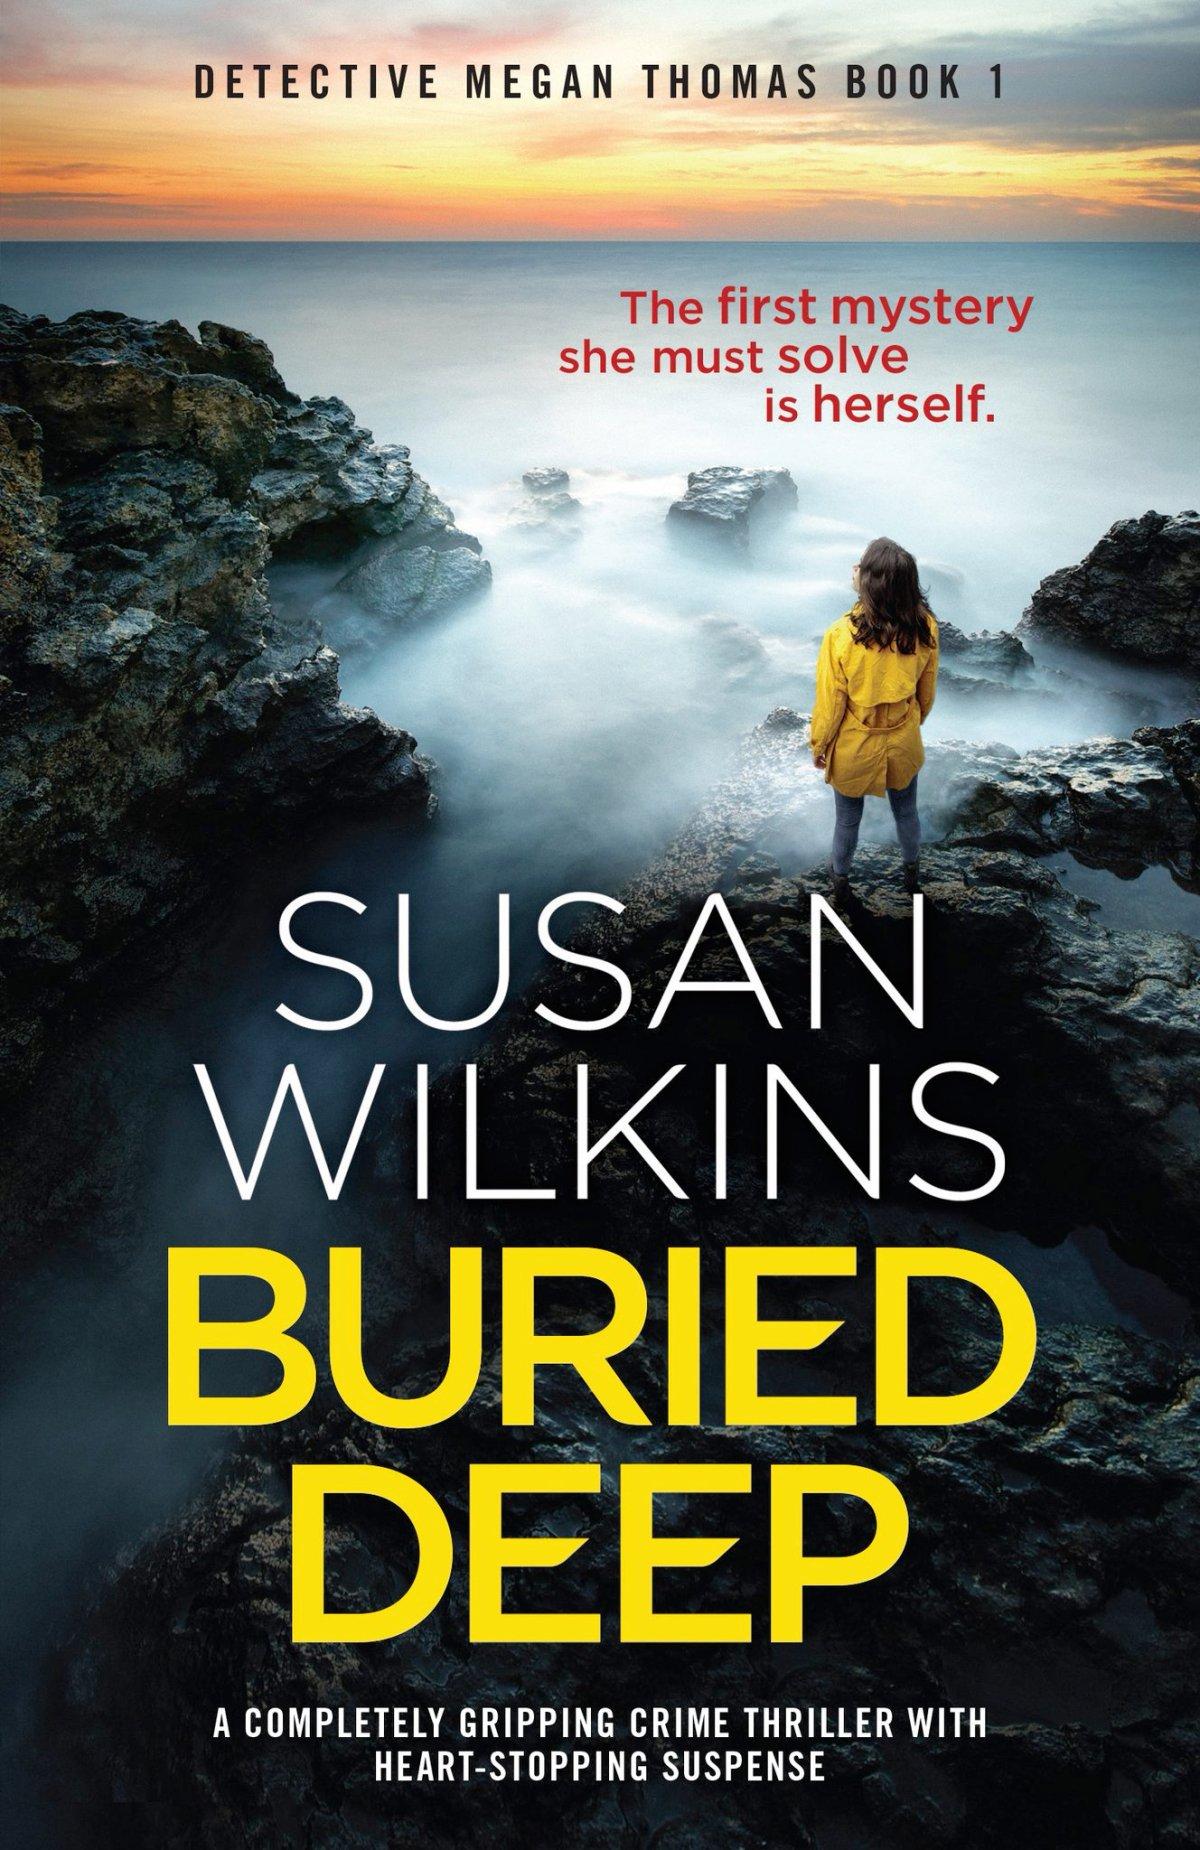 Buried Deep. SUSANWILKINS